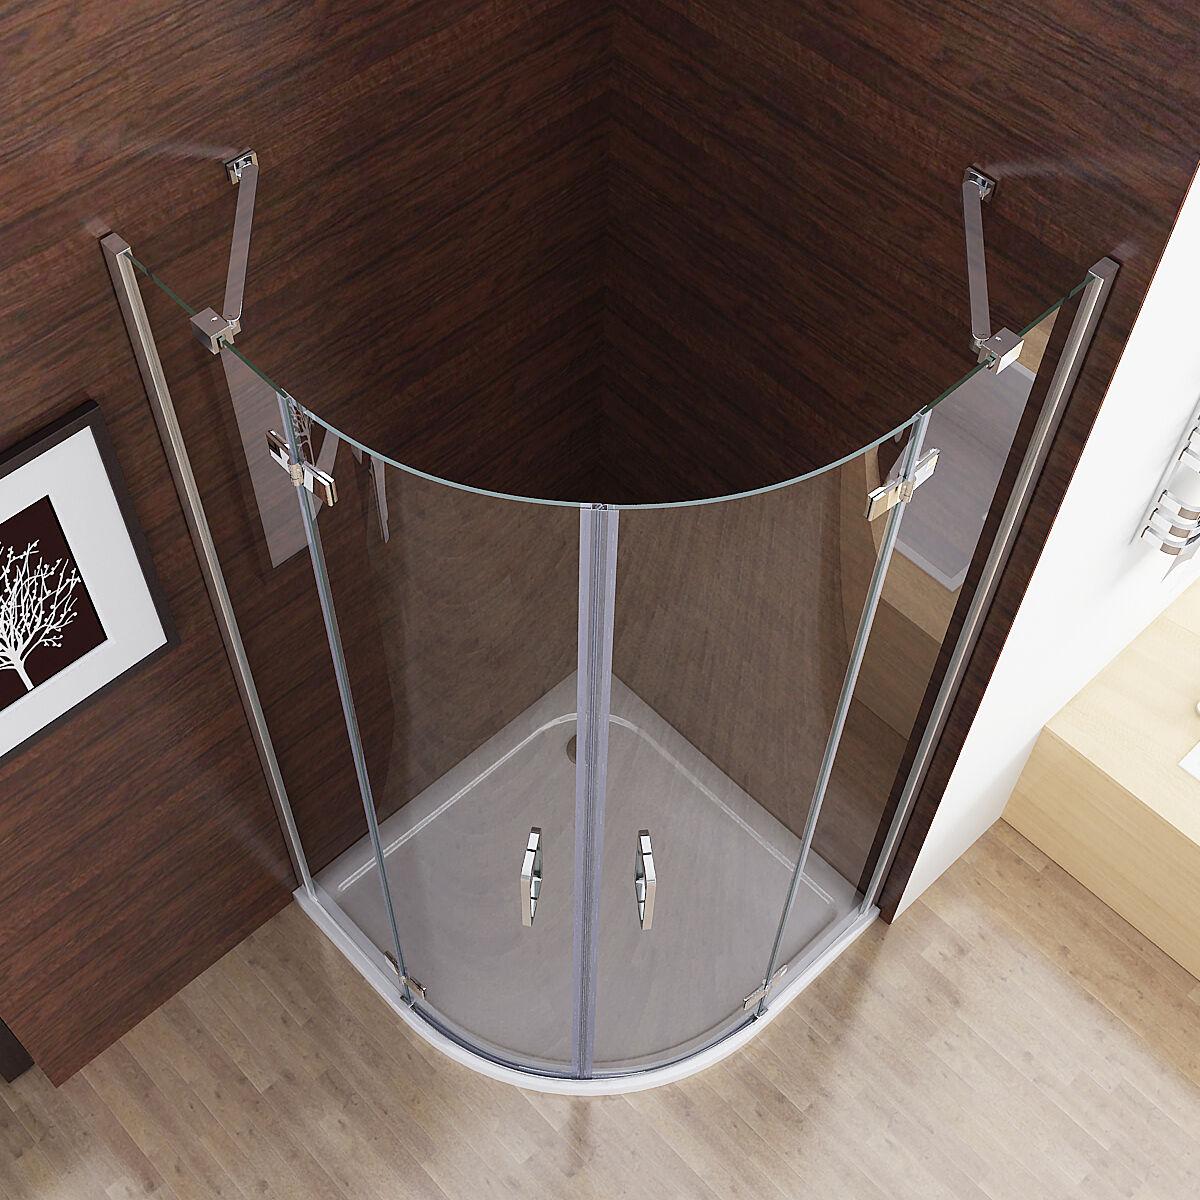 80x80 90x90 duschkabine runddusche duschabtrennung. Black Bedroom Furniture Sets. Home Design Ideas